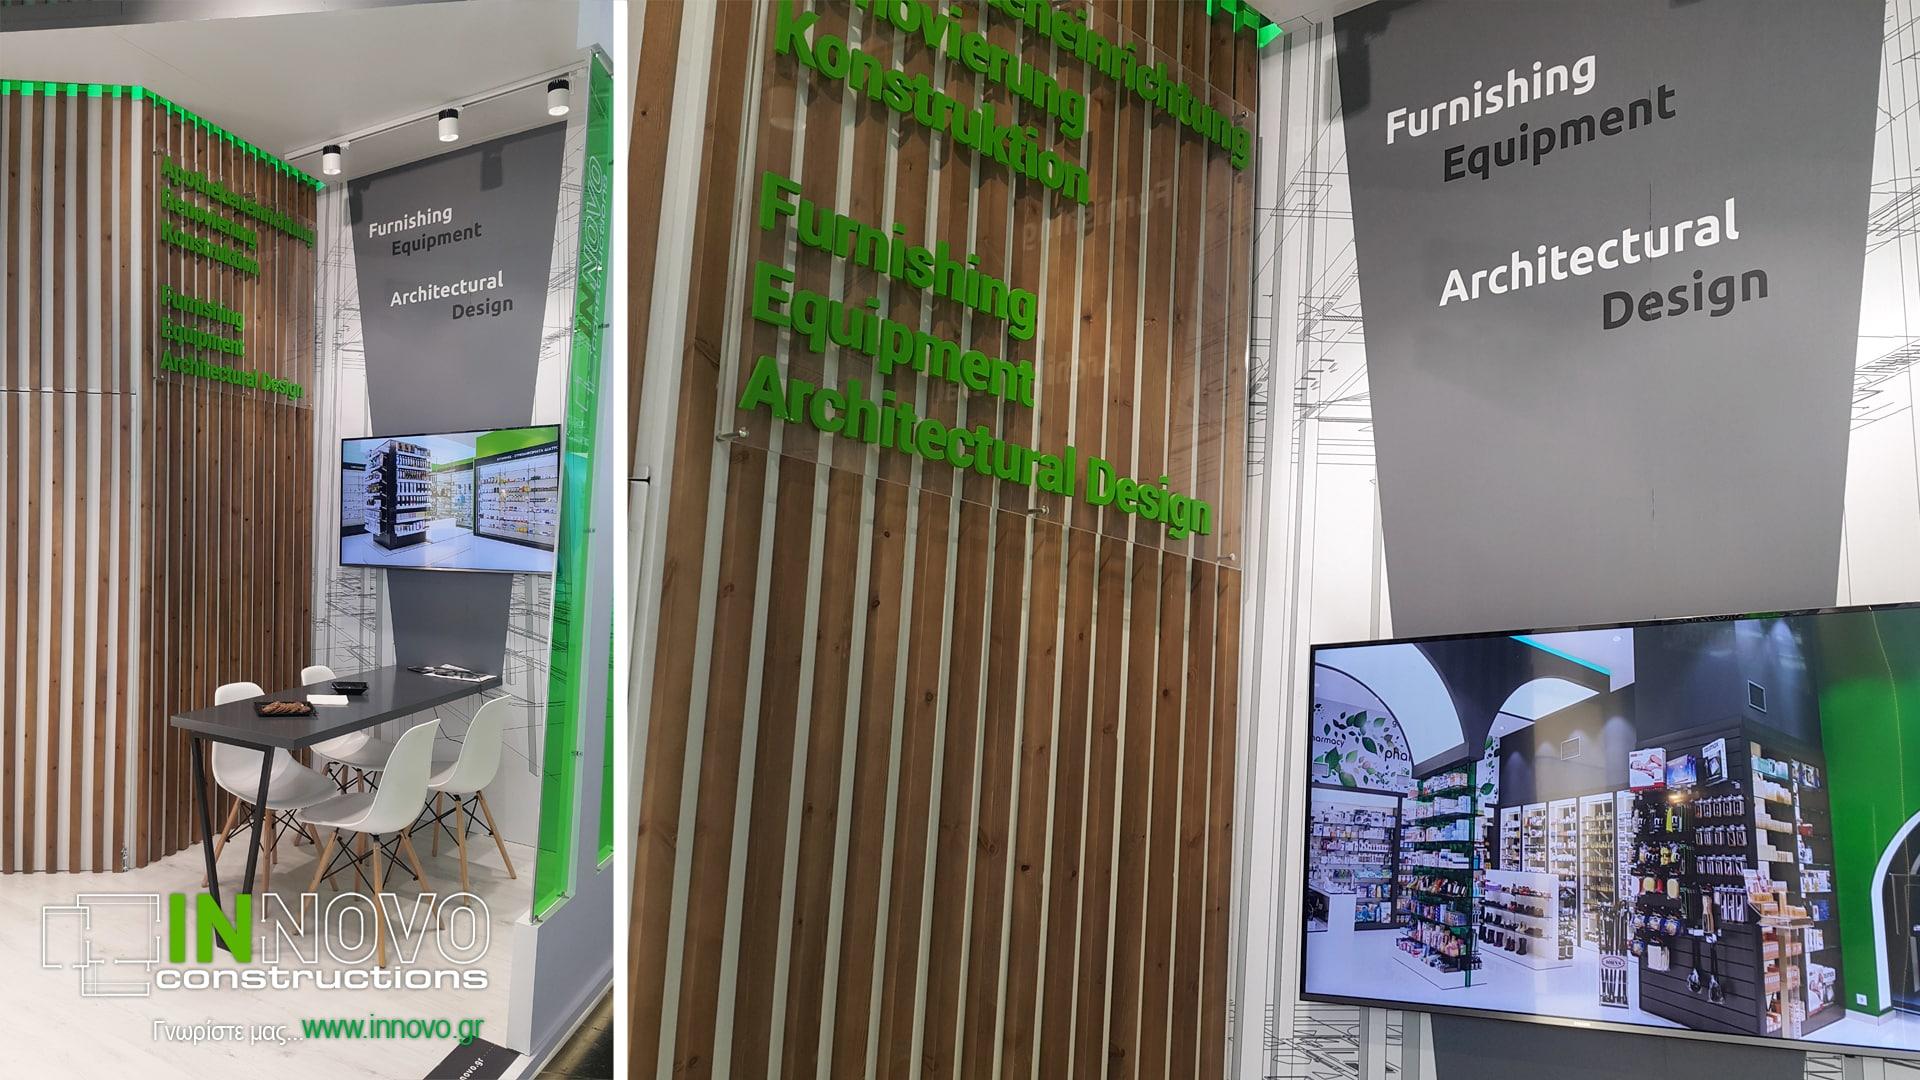 Σχεδιασμός χώρου και ανακαίνιση περιπτέρου Expopharm 2017